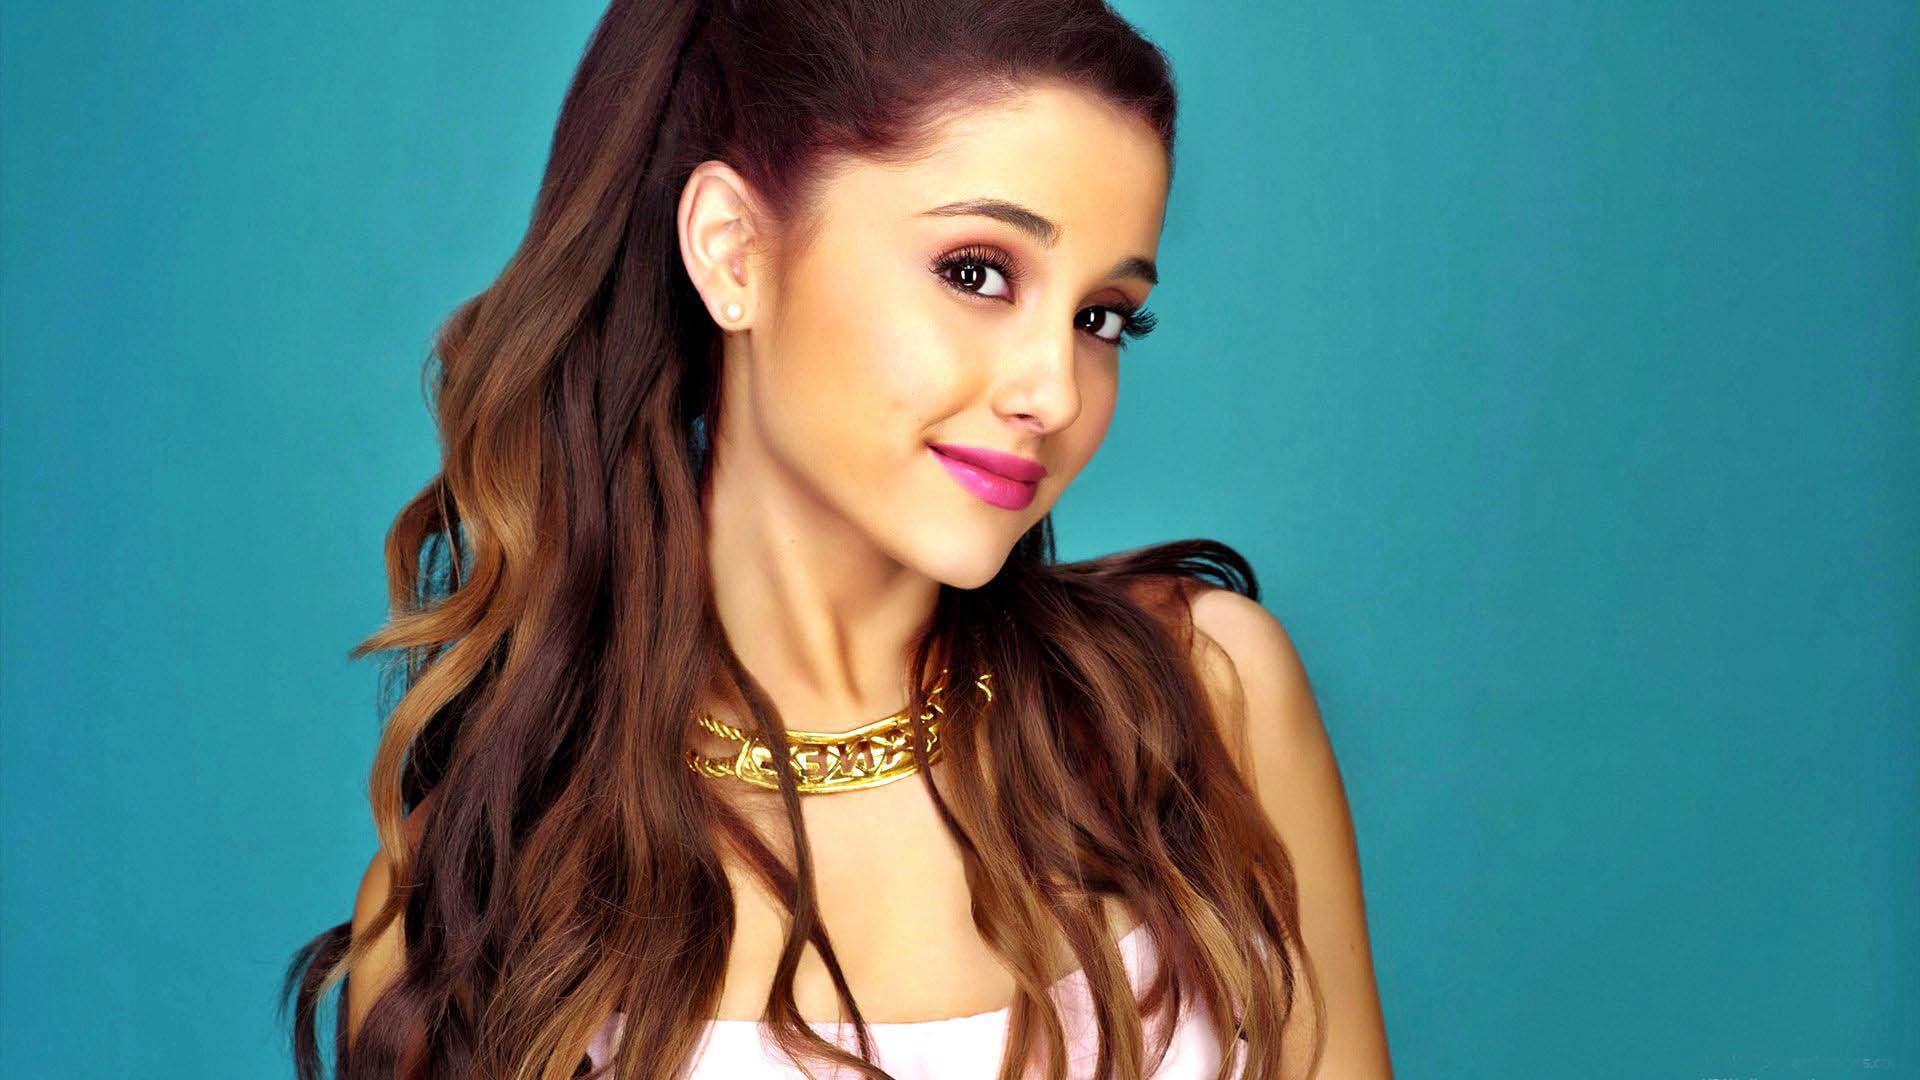 ¿Cuál de estas canciones no es de Ariana Grande?